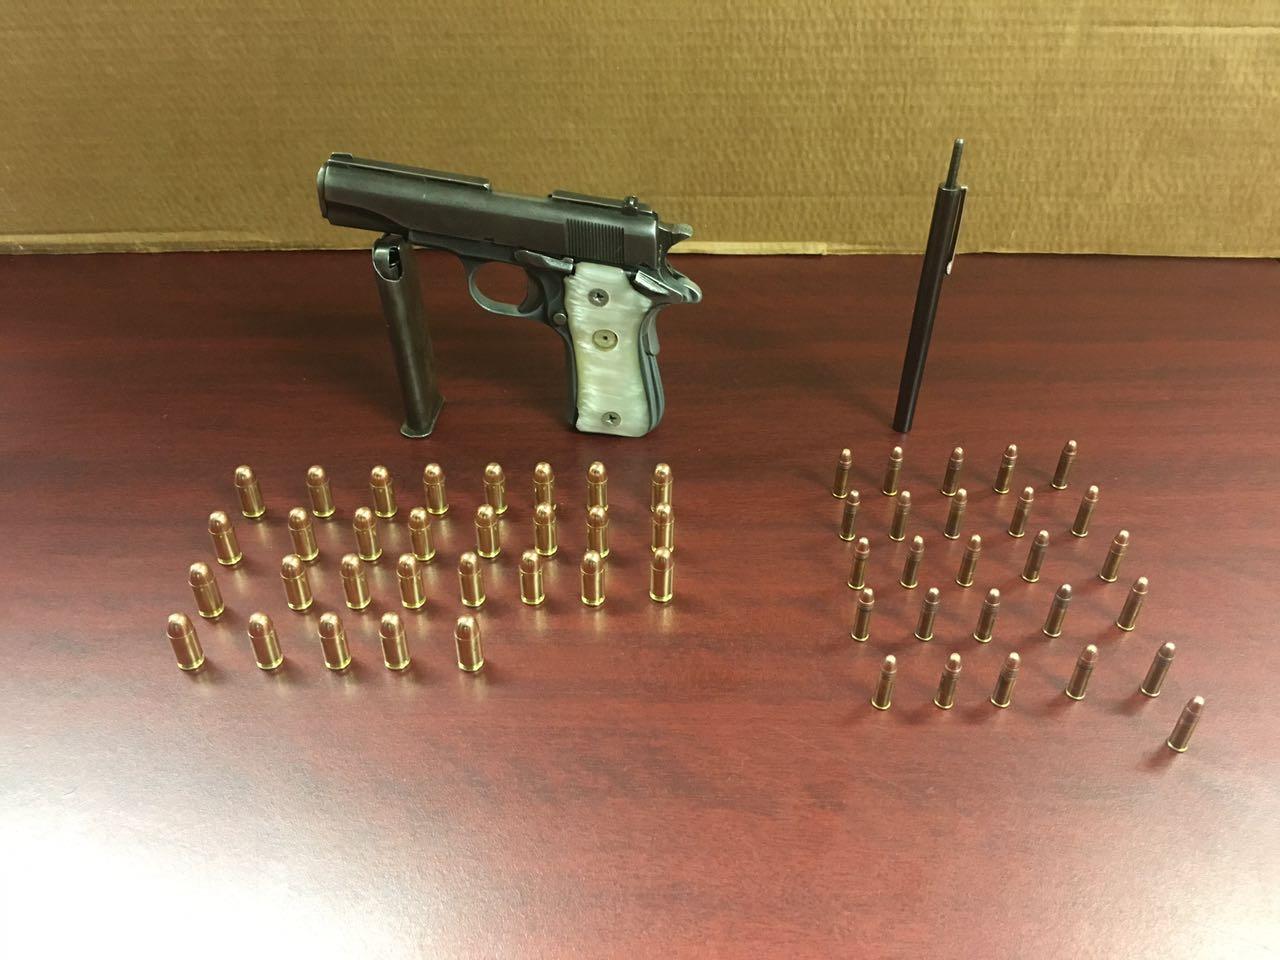 SSP aseguró a 6 hombres que portaban armas de fuego sin licencia